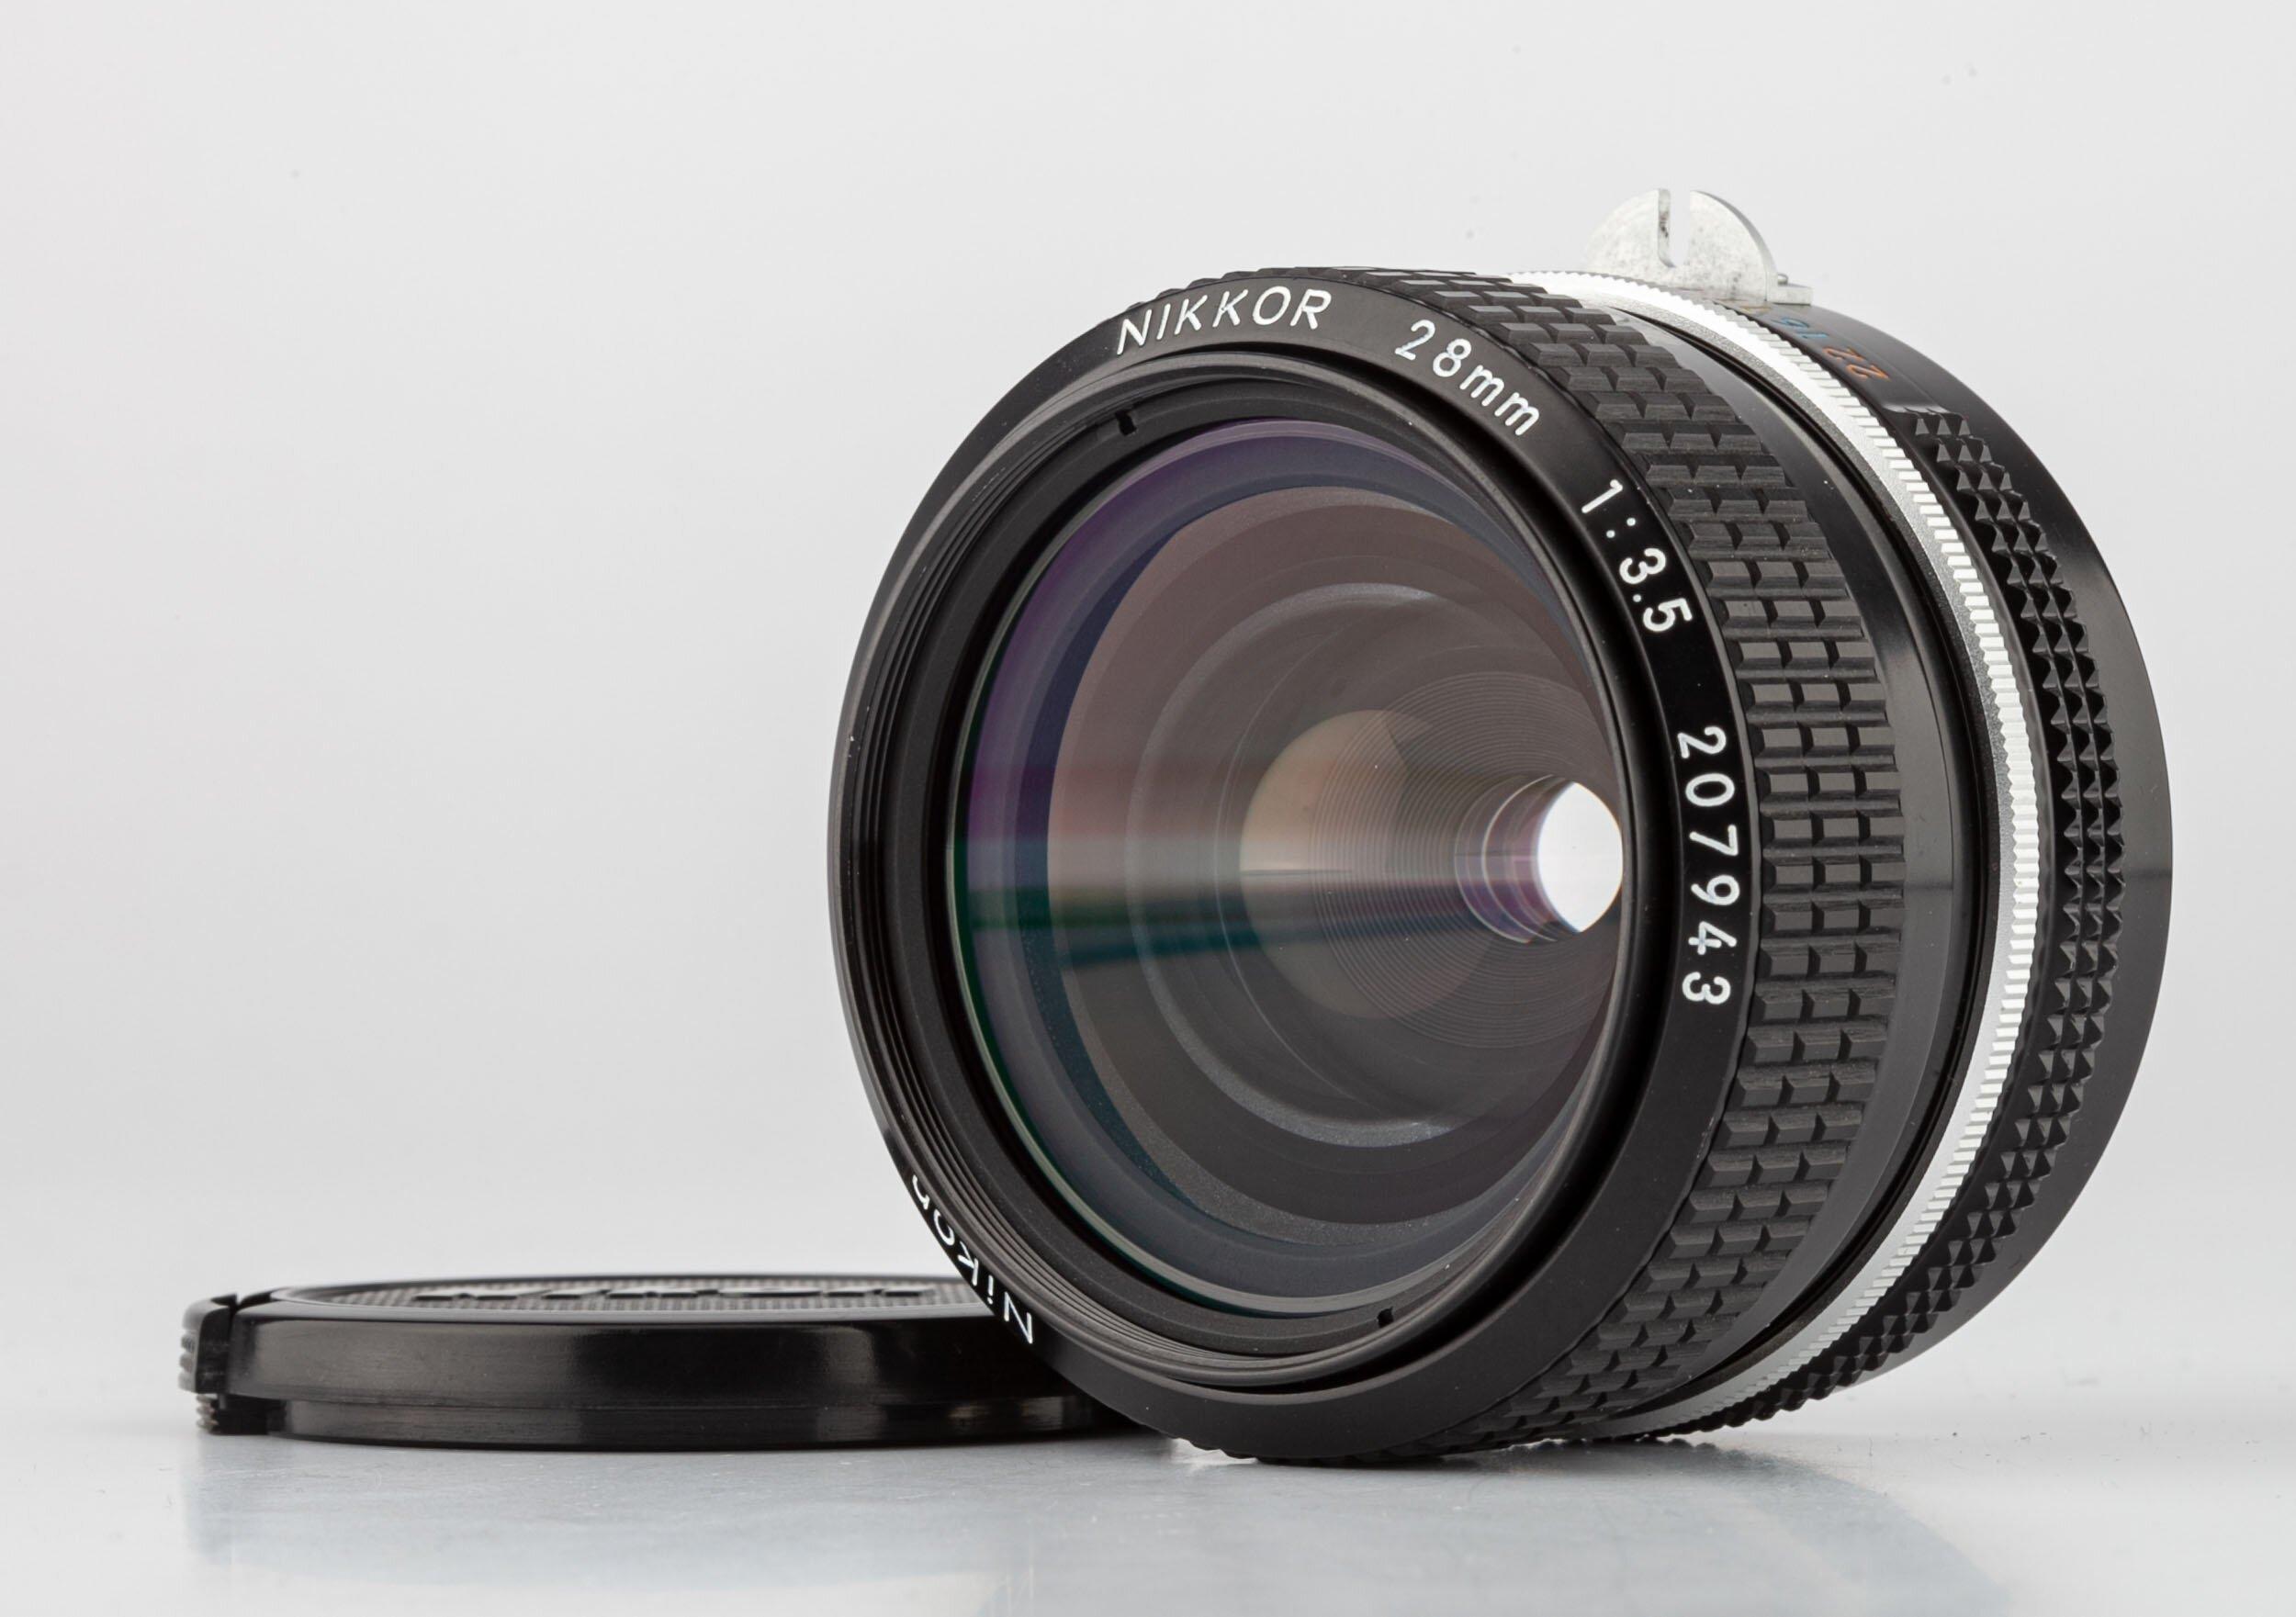 Nikon non AI Nikkor 28mm 3,5